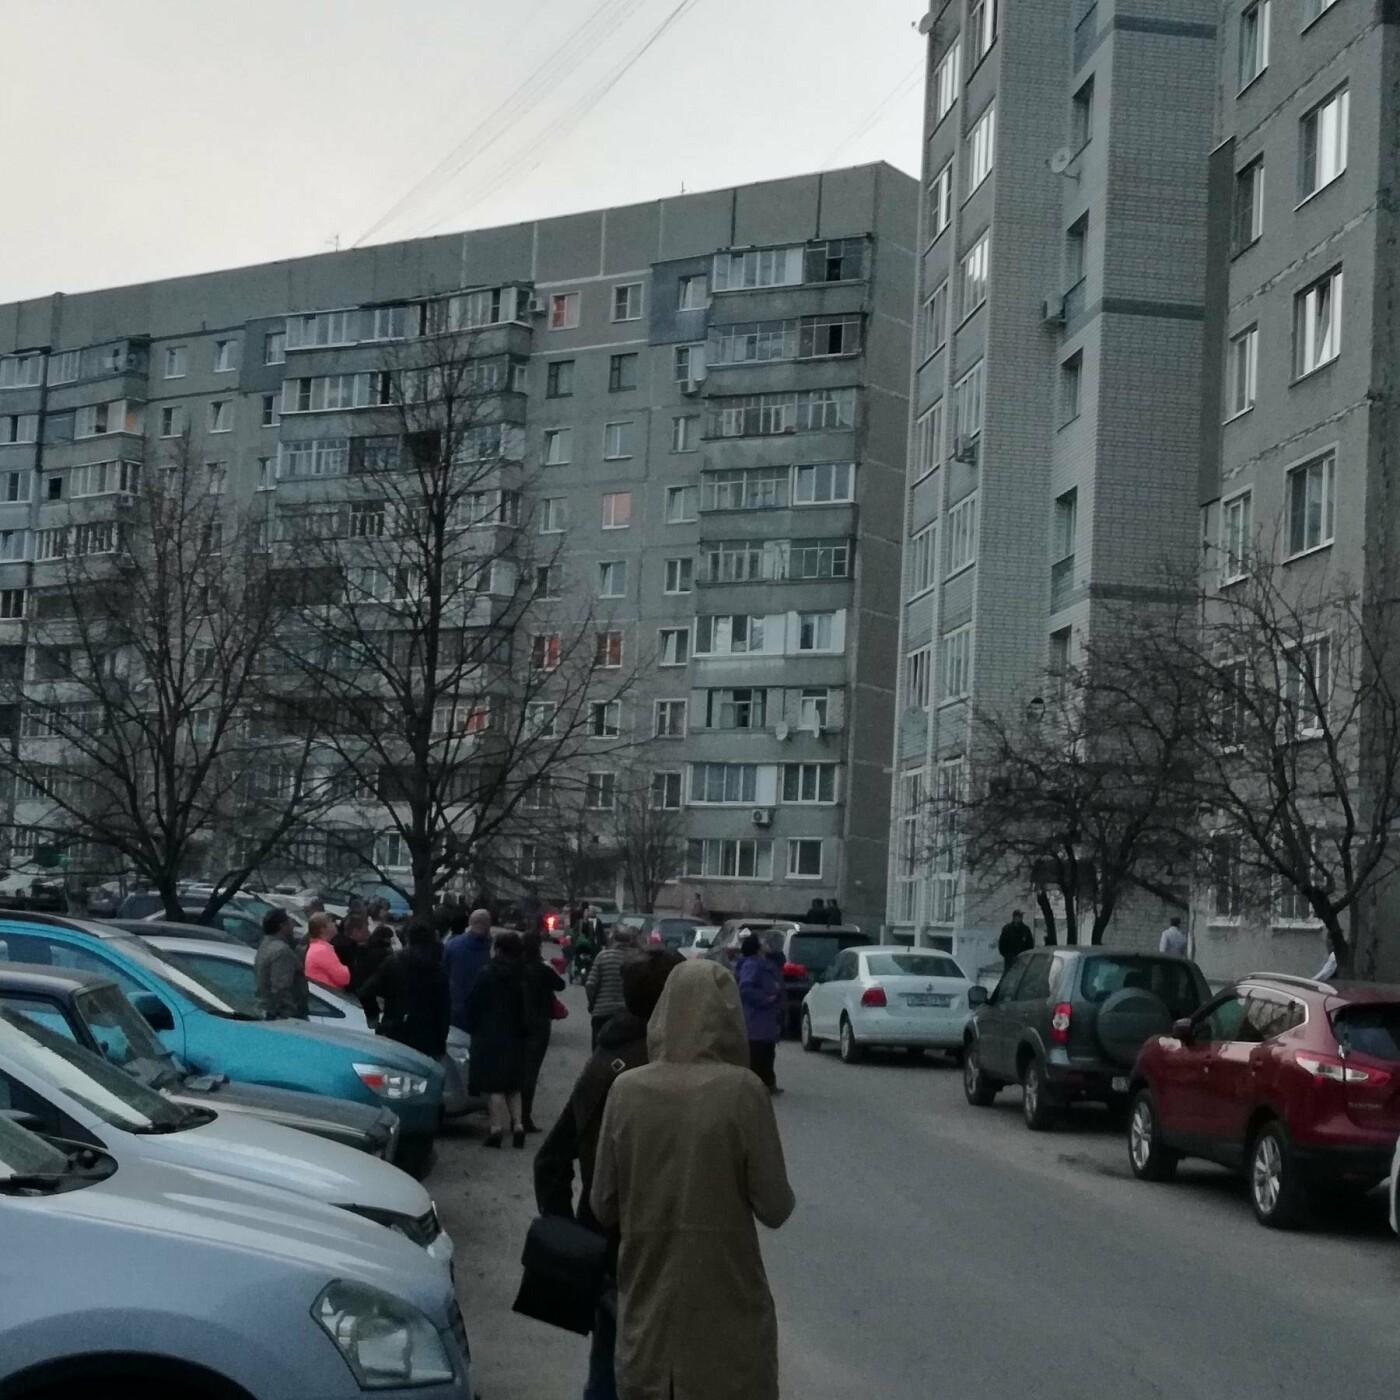 В Тамбове из-за GPS-трекера и угрозы взрыва оцепили целый квартал и эвакуировали жителей многоэтажки , фото-1